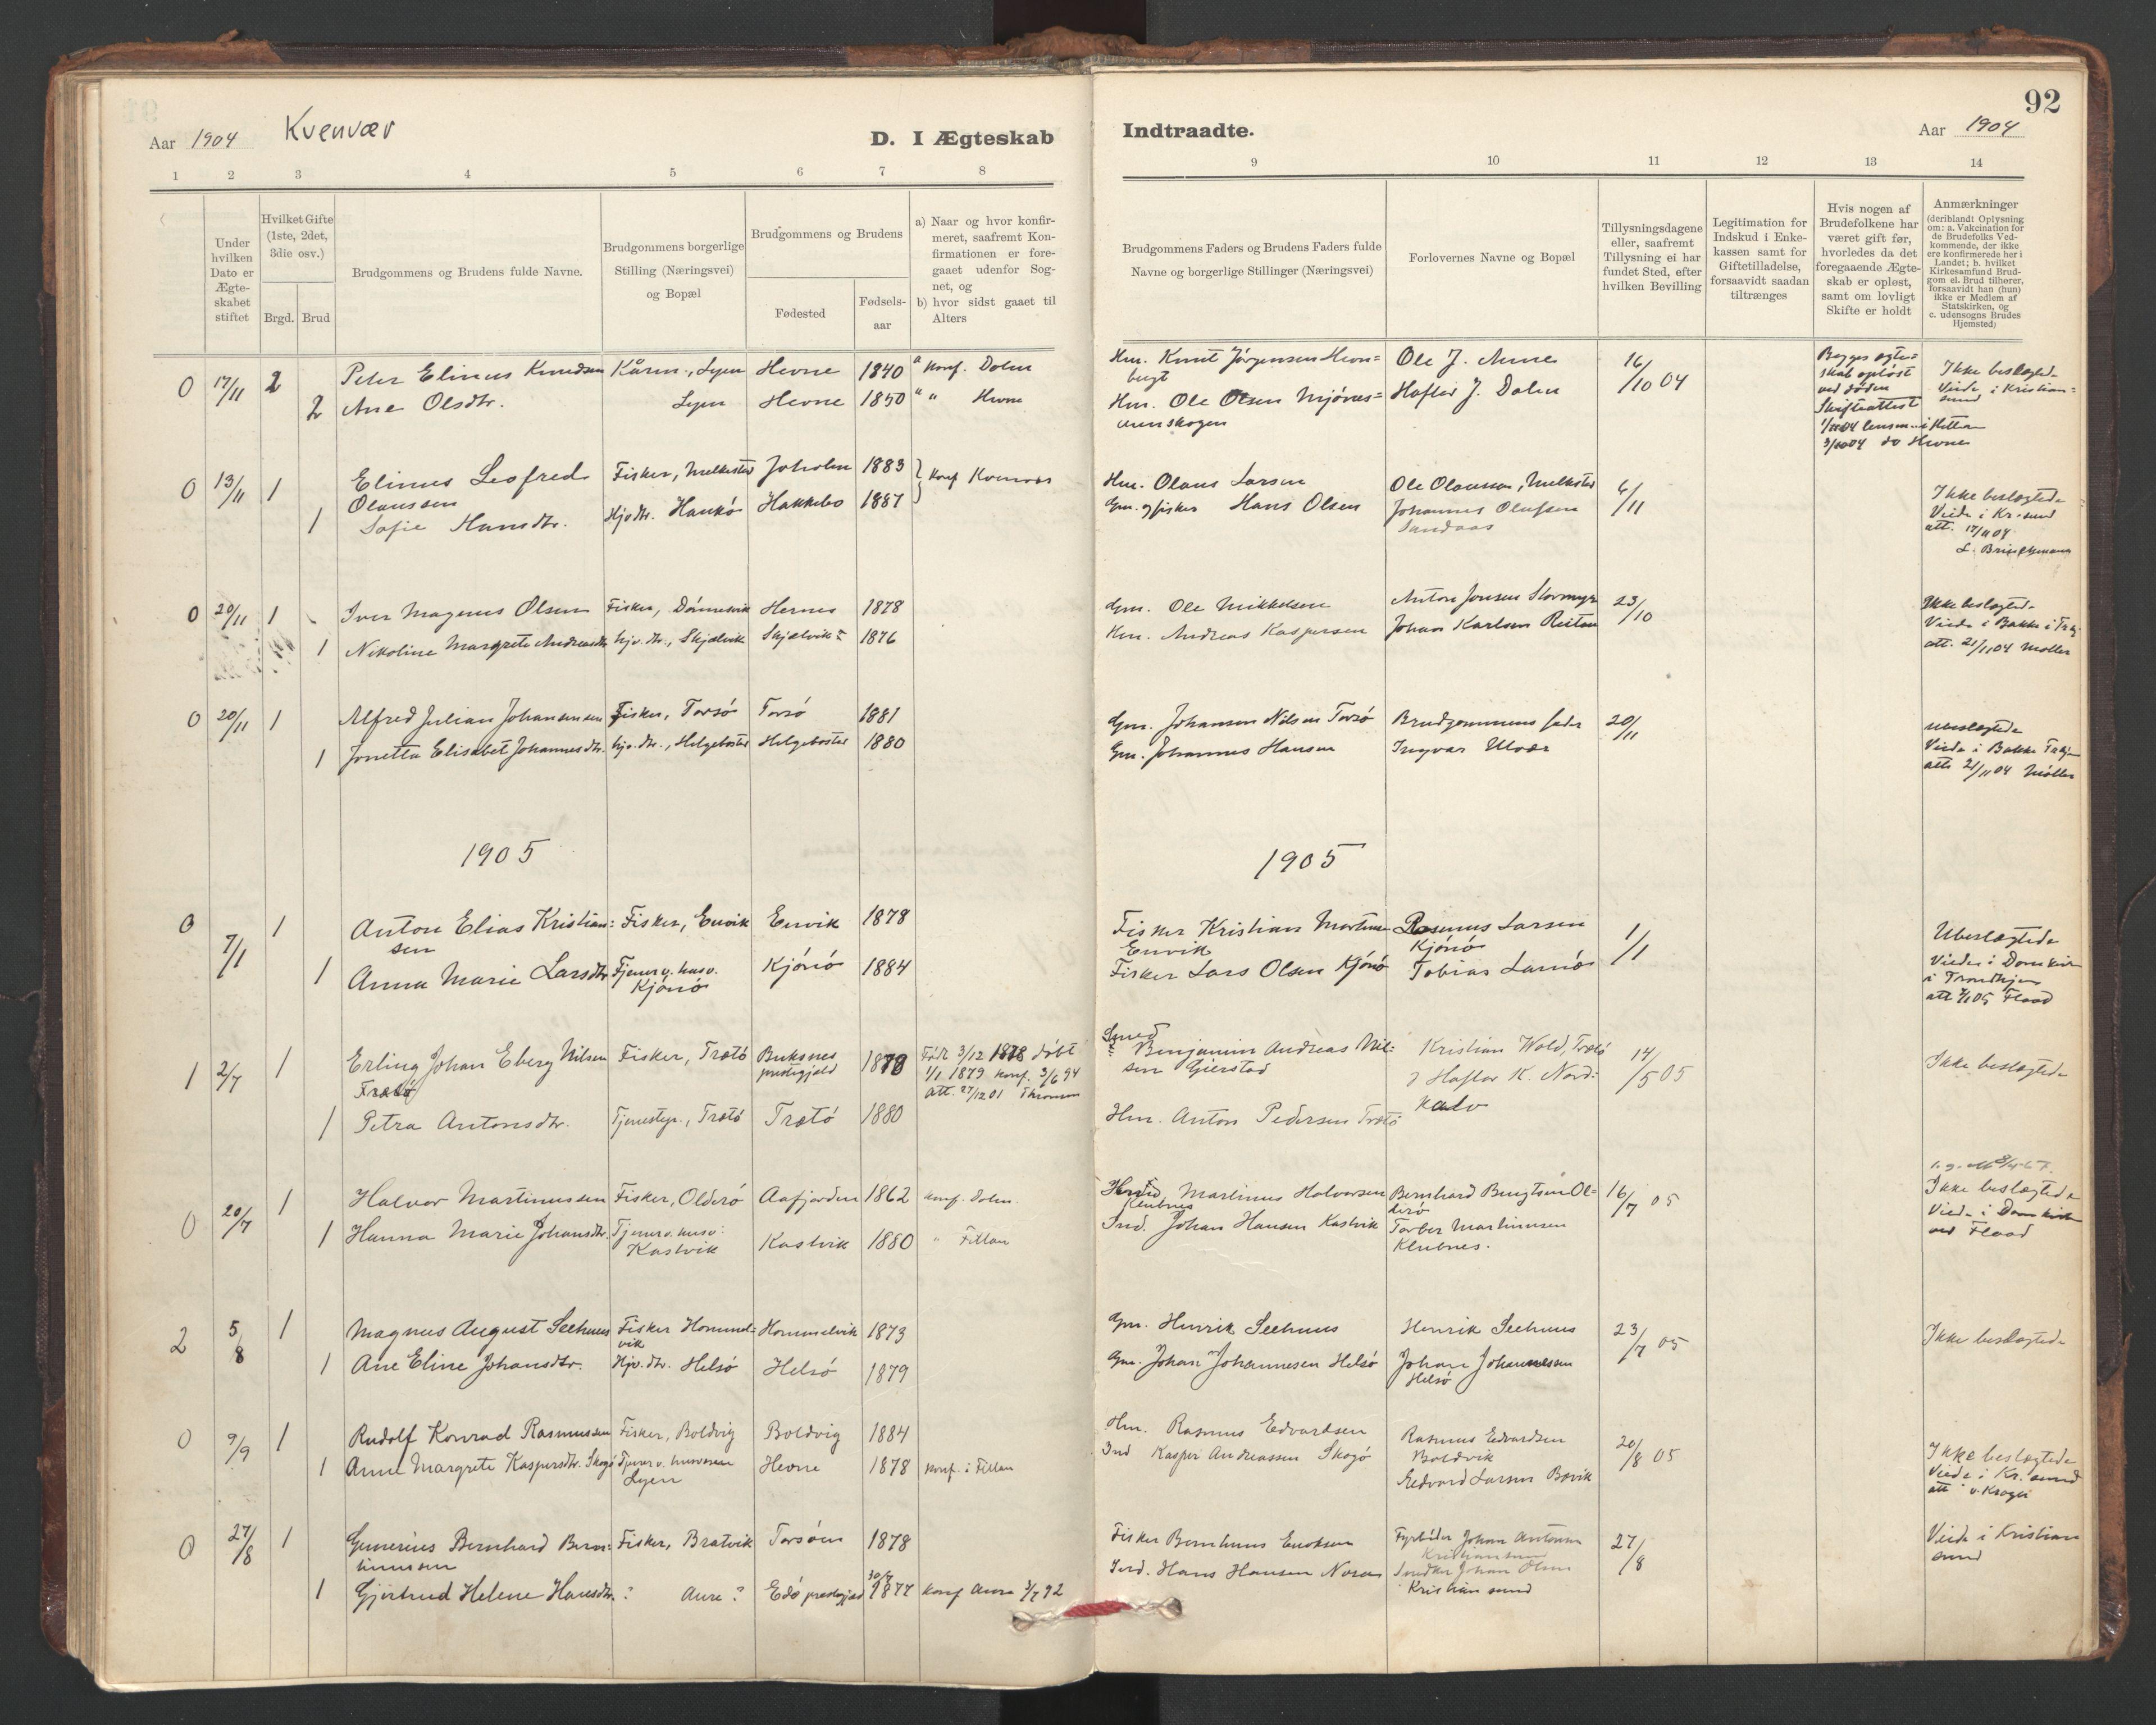 SAT, Ministerialprotokoller, klokkerbøker og fødselsregistre - Sør-Trøndelag, 635/L0552: Ministerialbok nr. 635A02, 1899-1919, s. 92